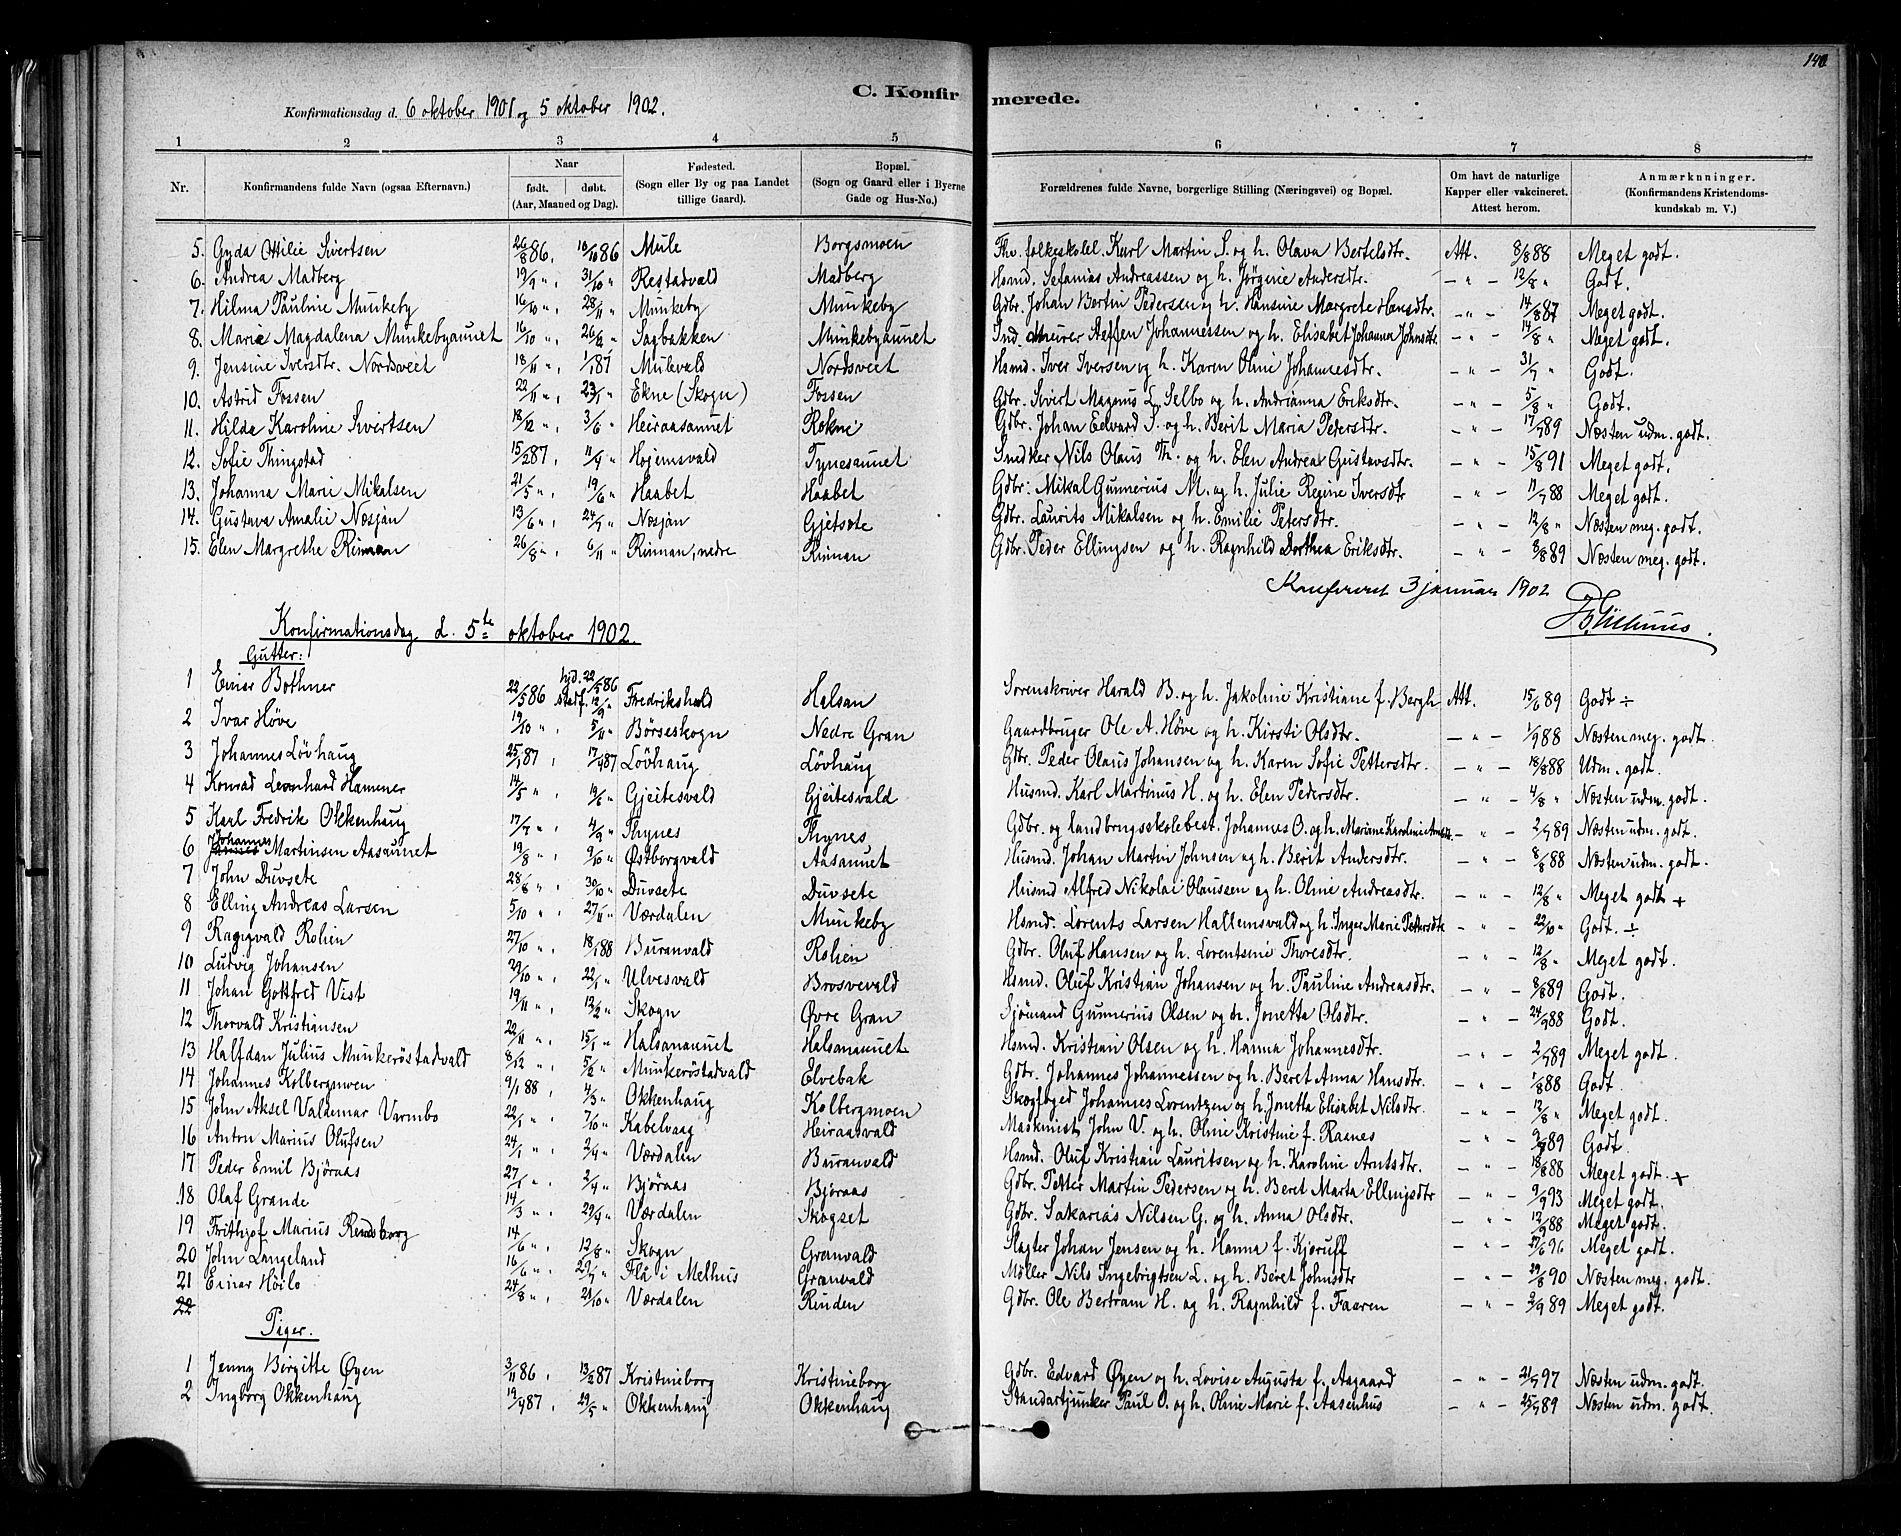 SAT, Ministerialprotokoller, klokkerbøker og fødselsregistre - Nord-Trøndelag, 721/L0208: Klokkerbok nr. 721C01, 1880-1917, s. 140